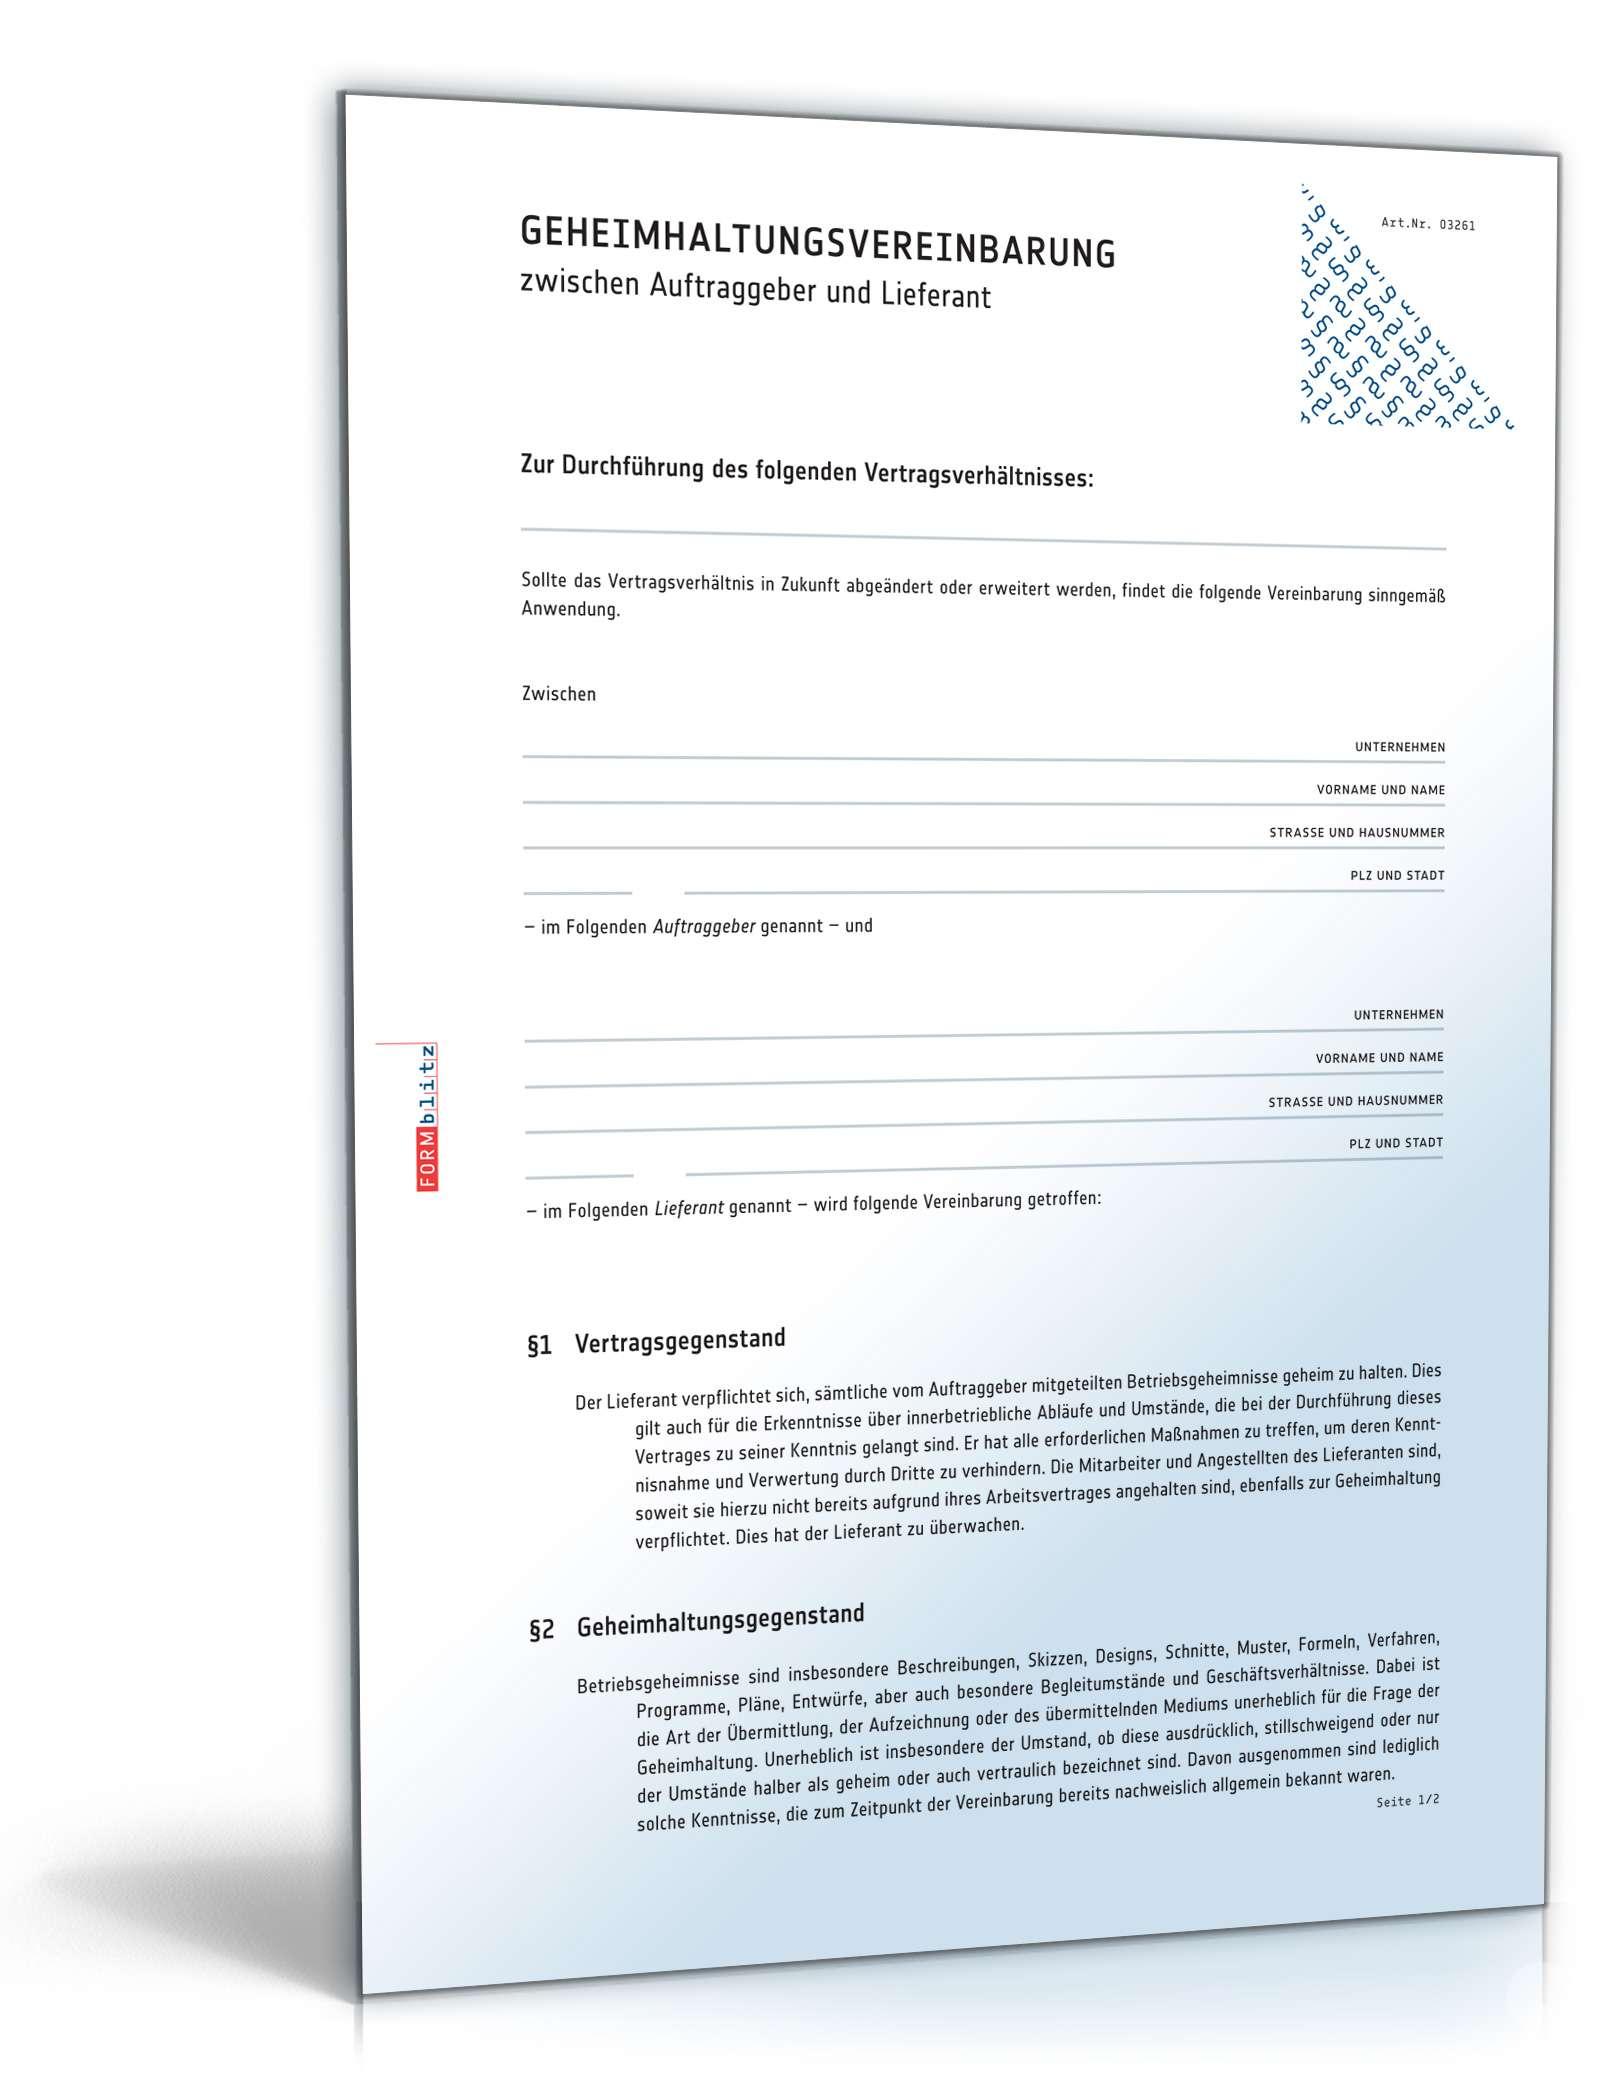 Geheimhaltungsvereinbarung mit Lieferant | Vorlage zum Download